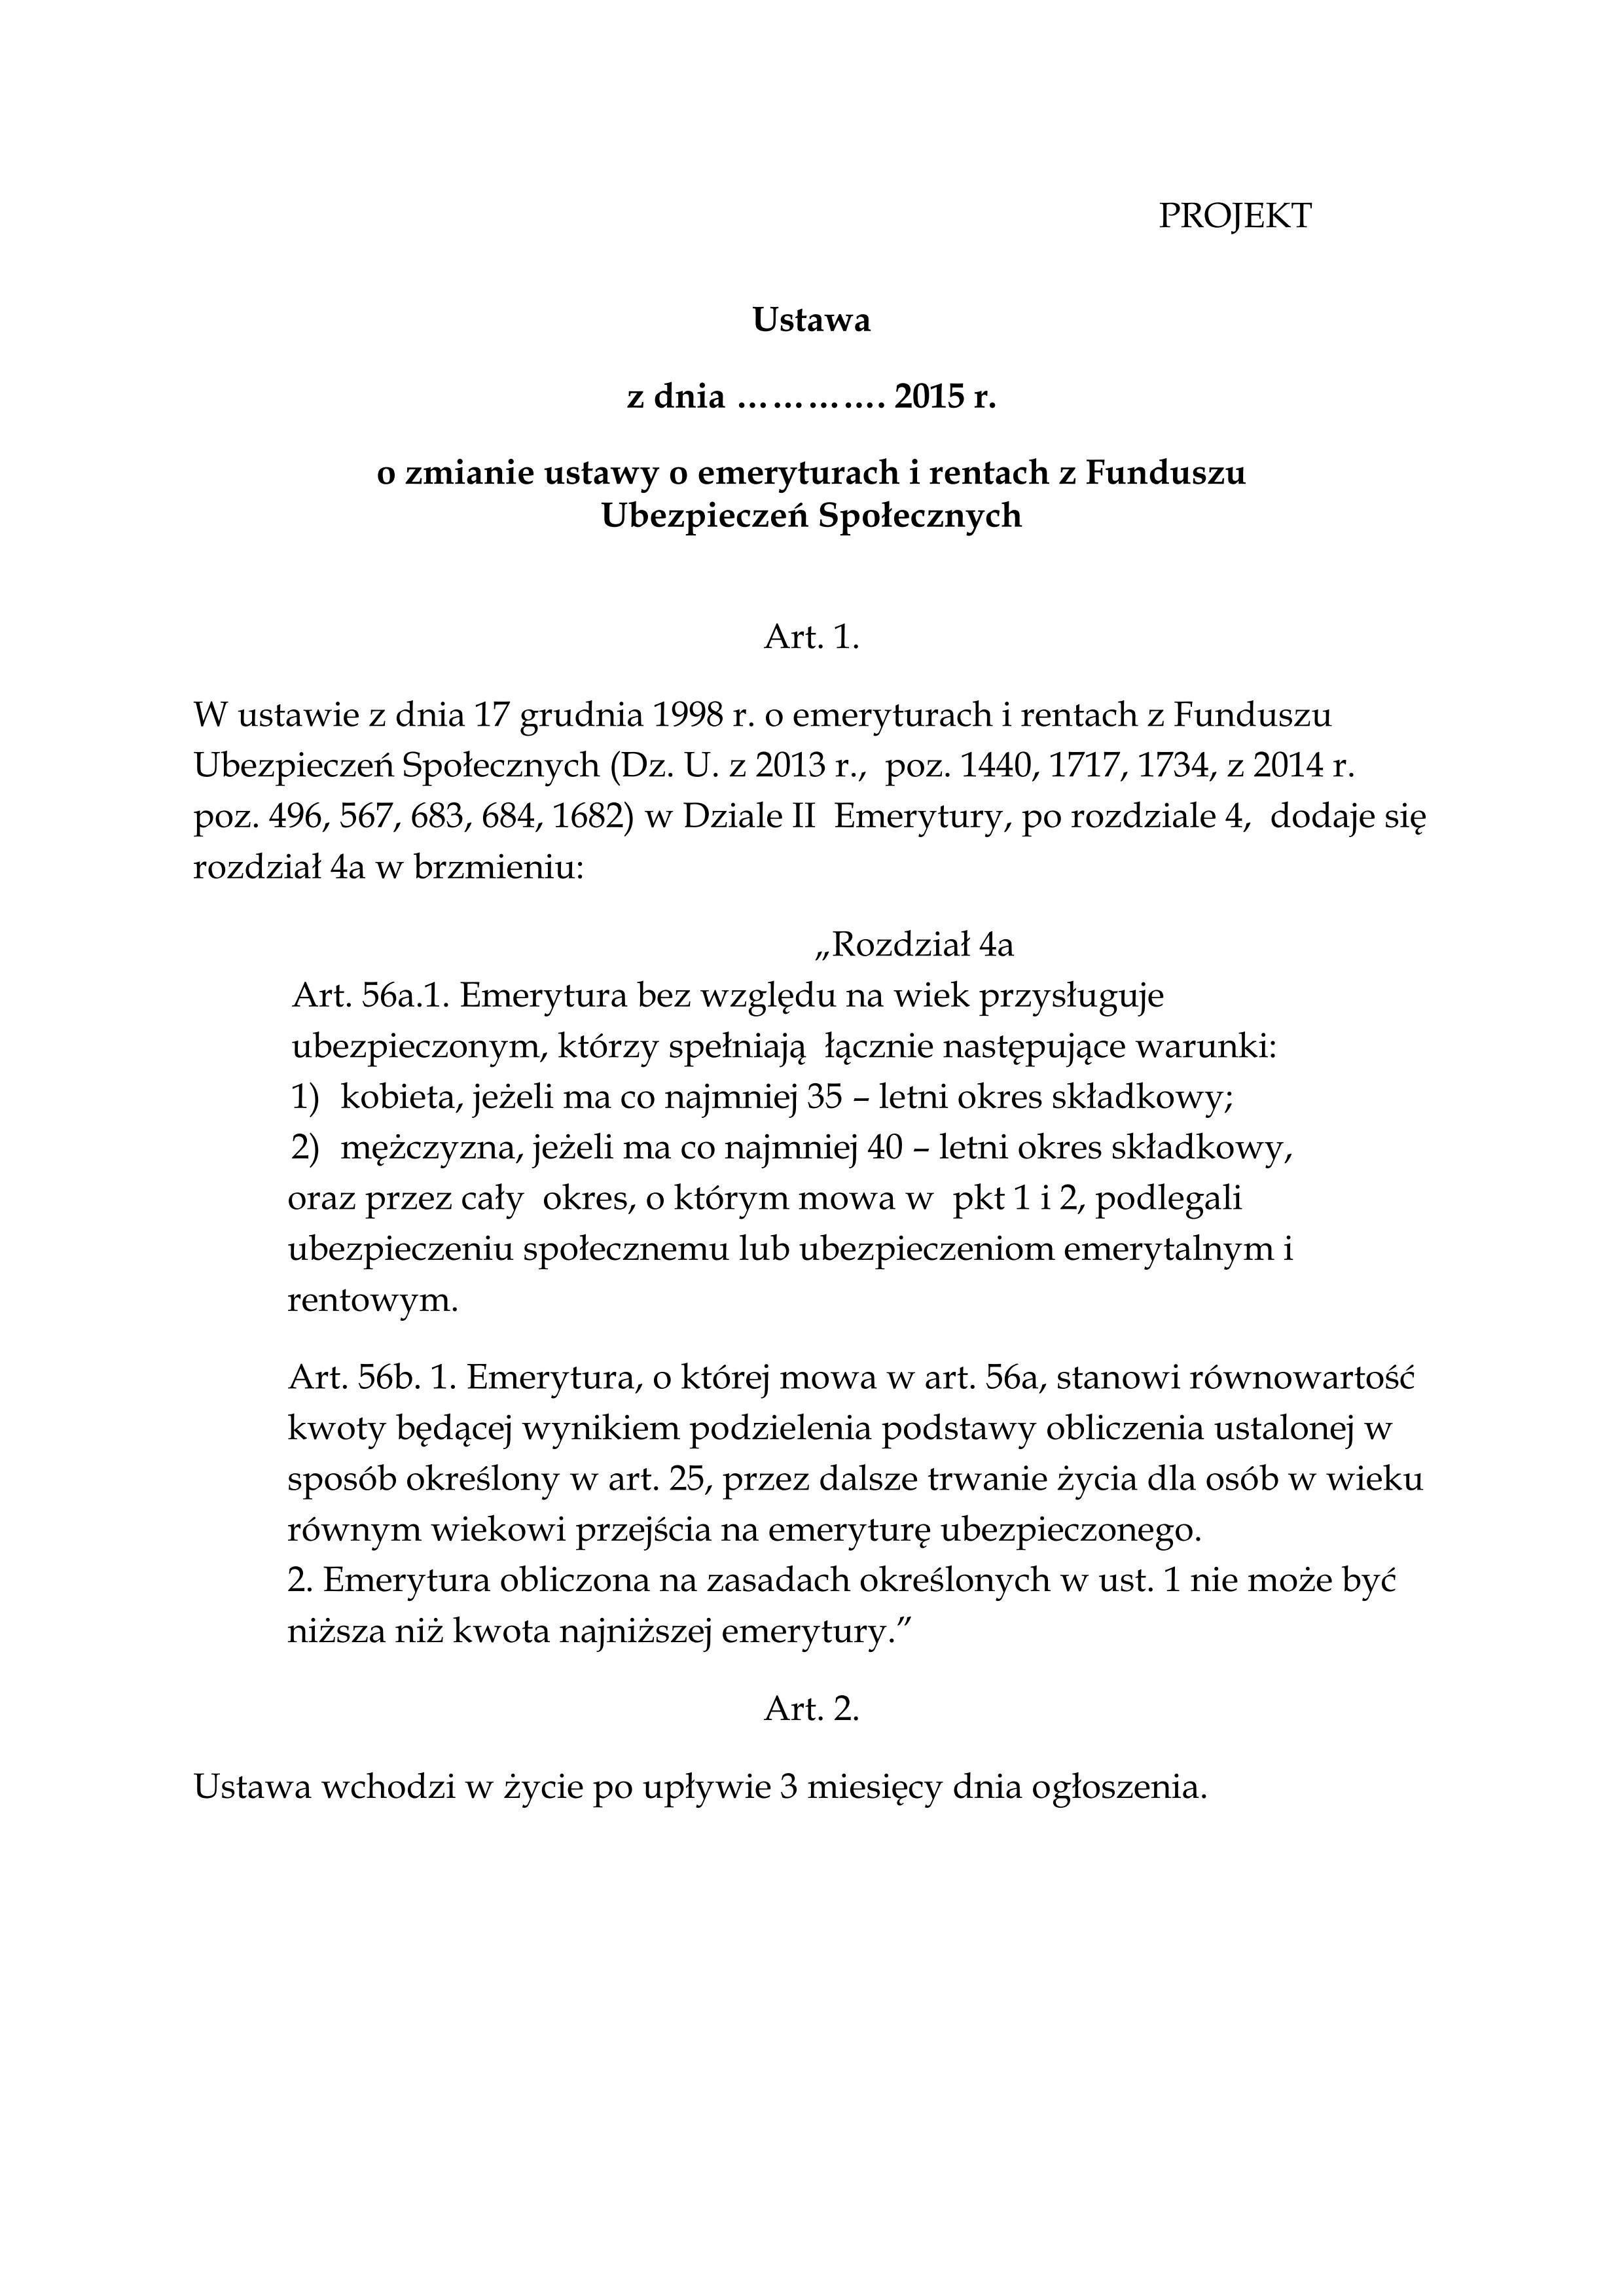 POSELSKI PROJEKT USTAWY EMERYTALNEJ 35/40